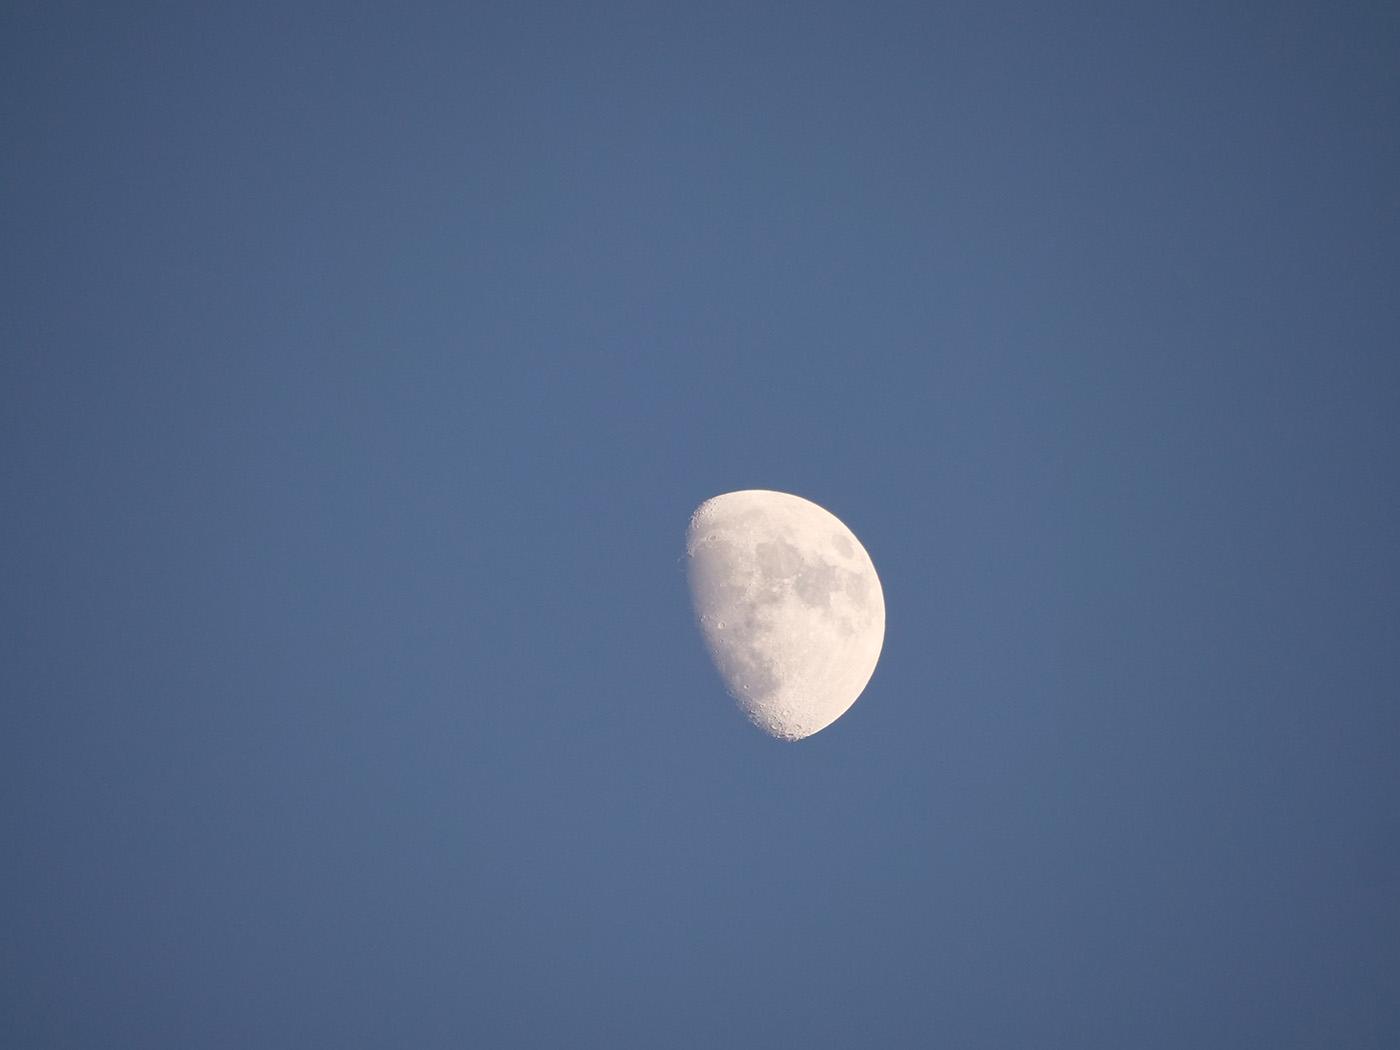 photographie de la Lune prise avec le Leica 100-400 mm